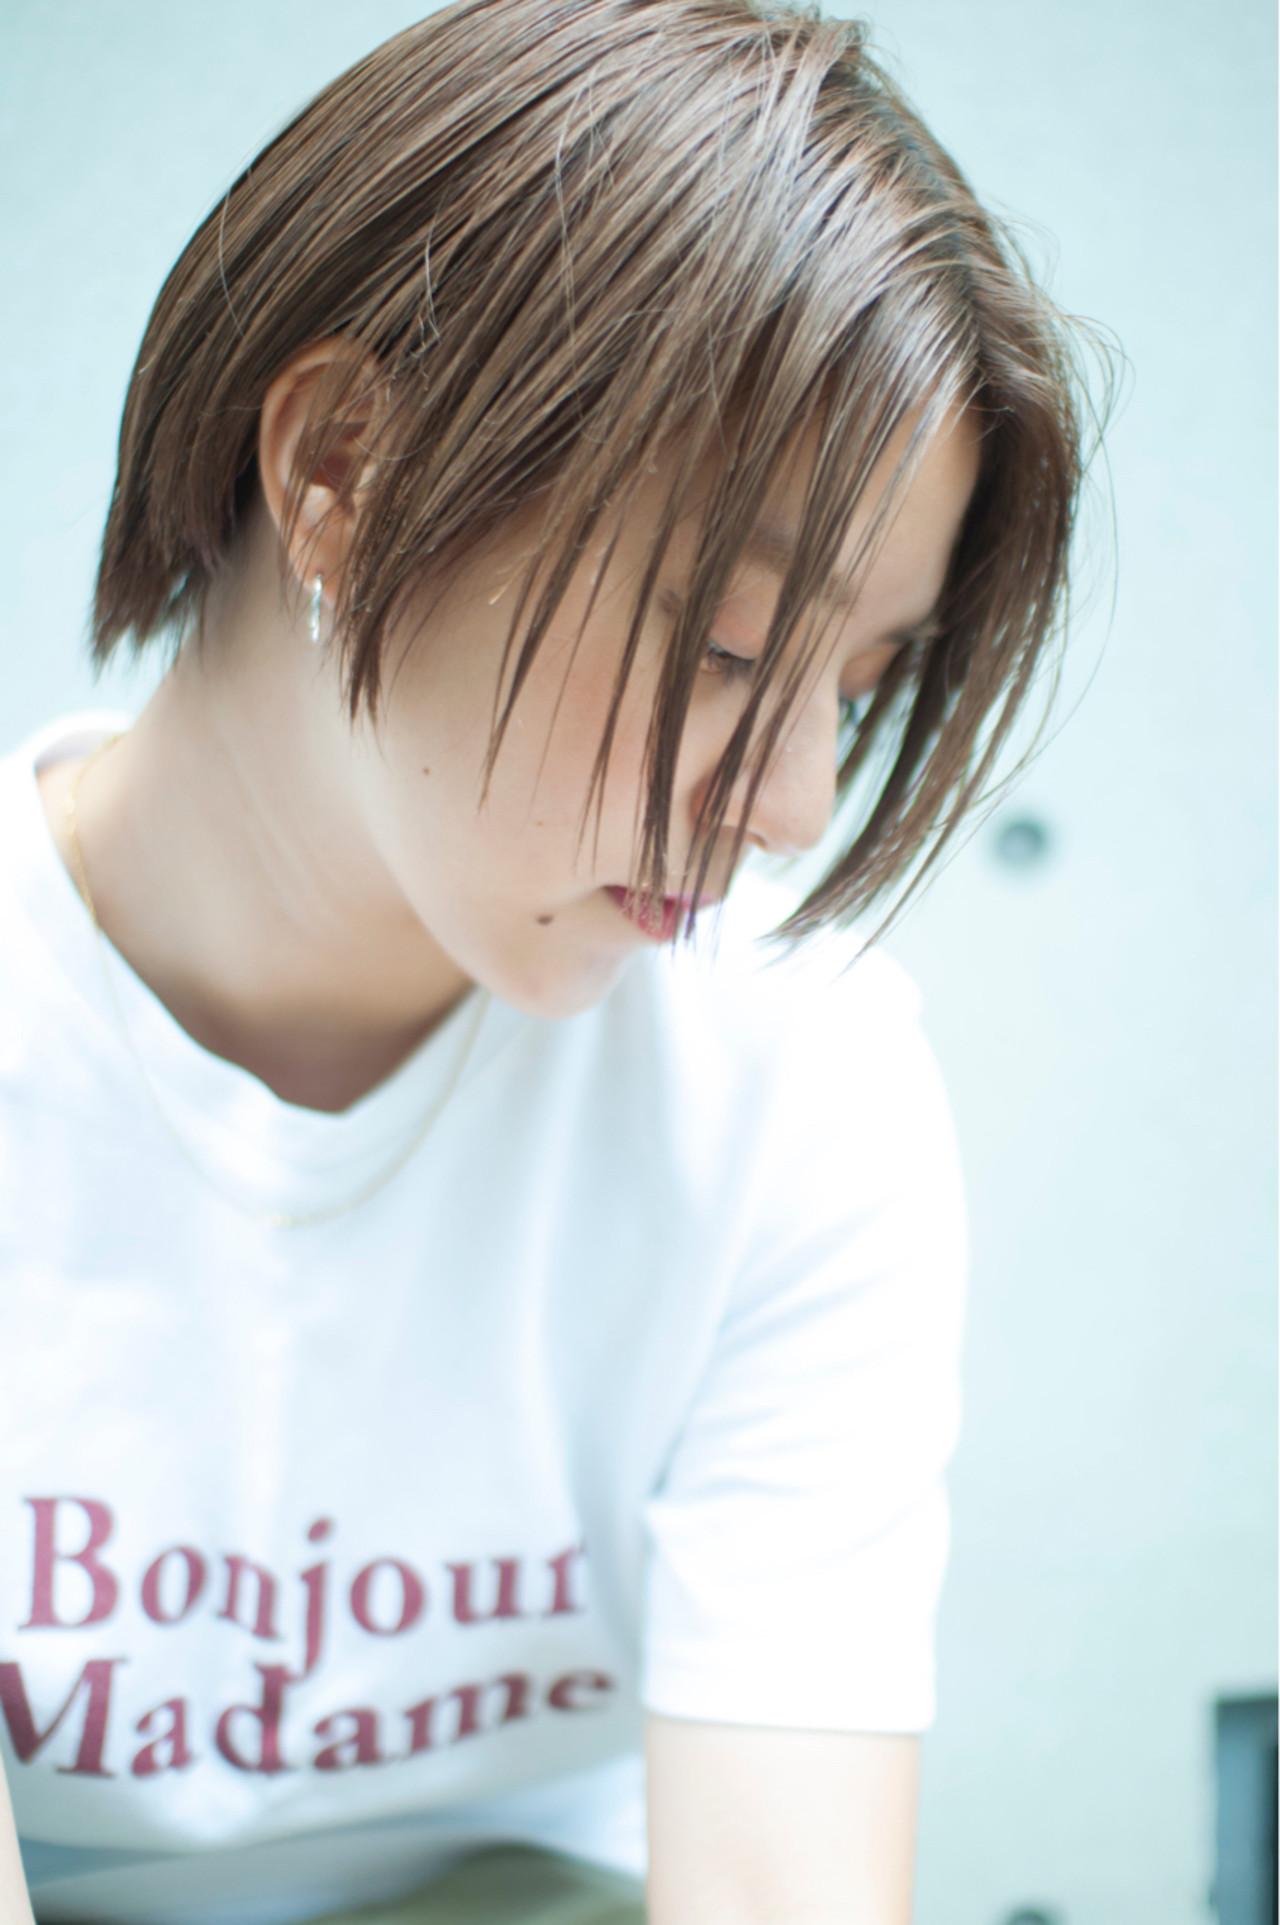 ゆるふわ 抜け感 スポーツ ストリート ヘアスタイルや髪型の写真・画像 | 力石サトシ HOMIE Tokyo /   HOMIE TOKYO